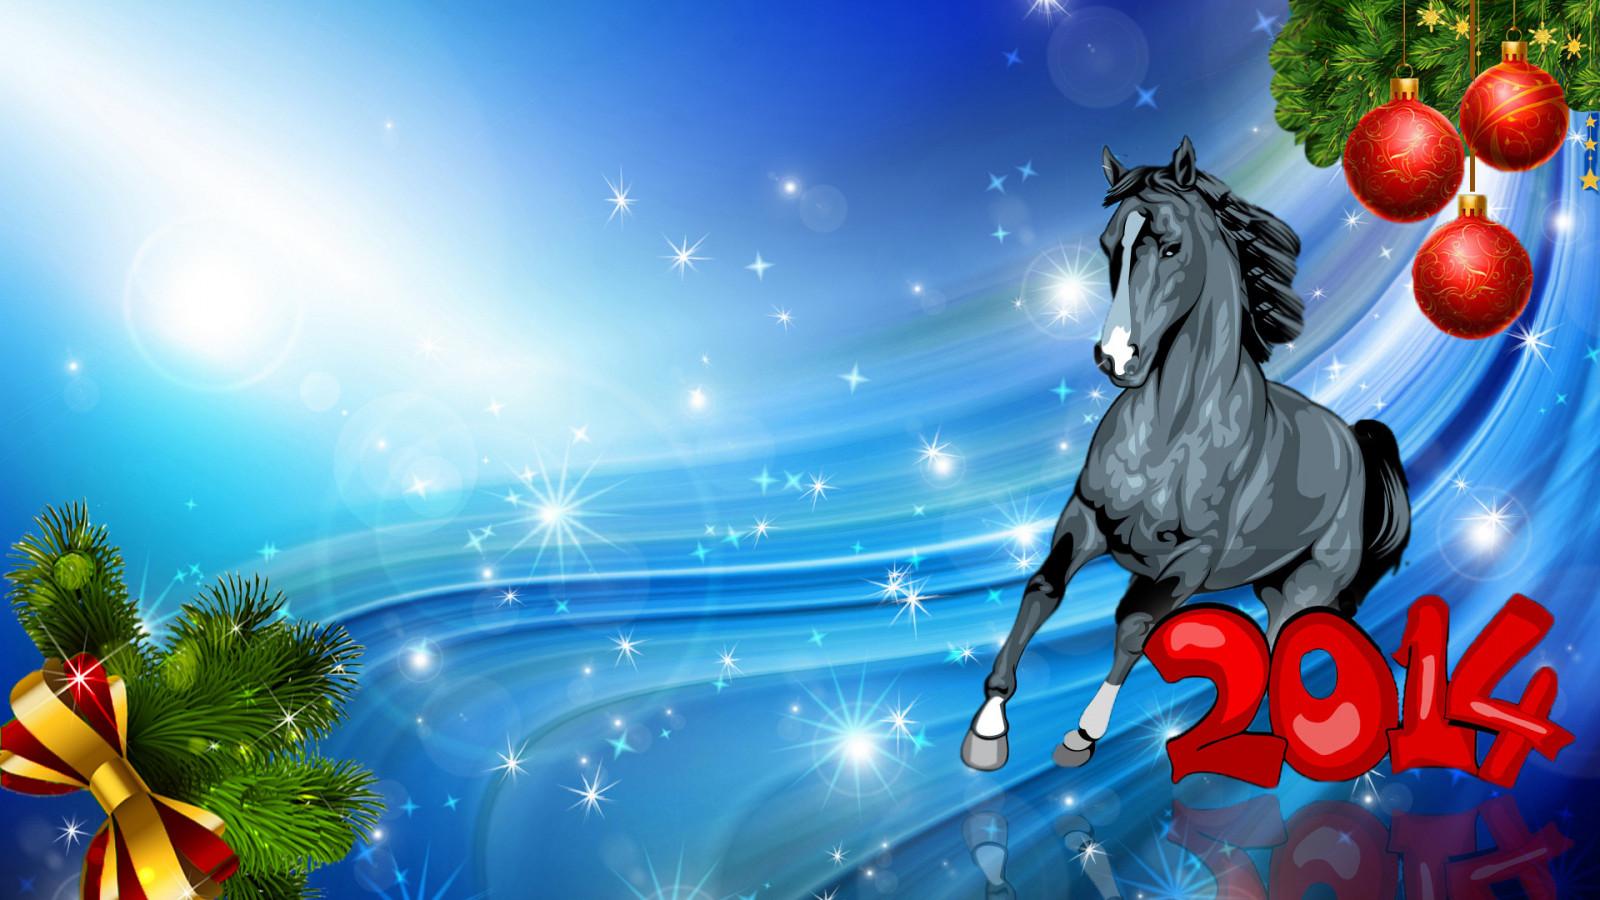 Картинки про, прикольные картинки к новому году 2014 лошадей